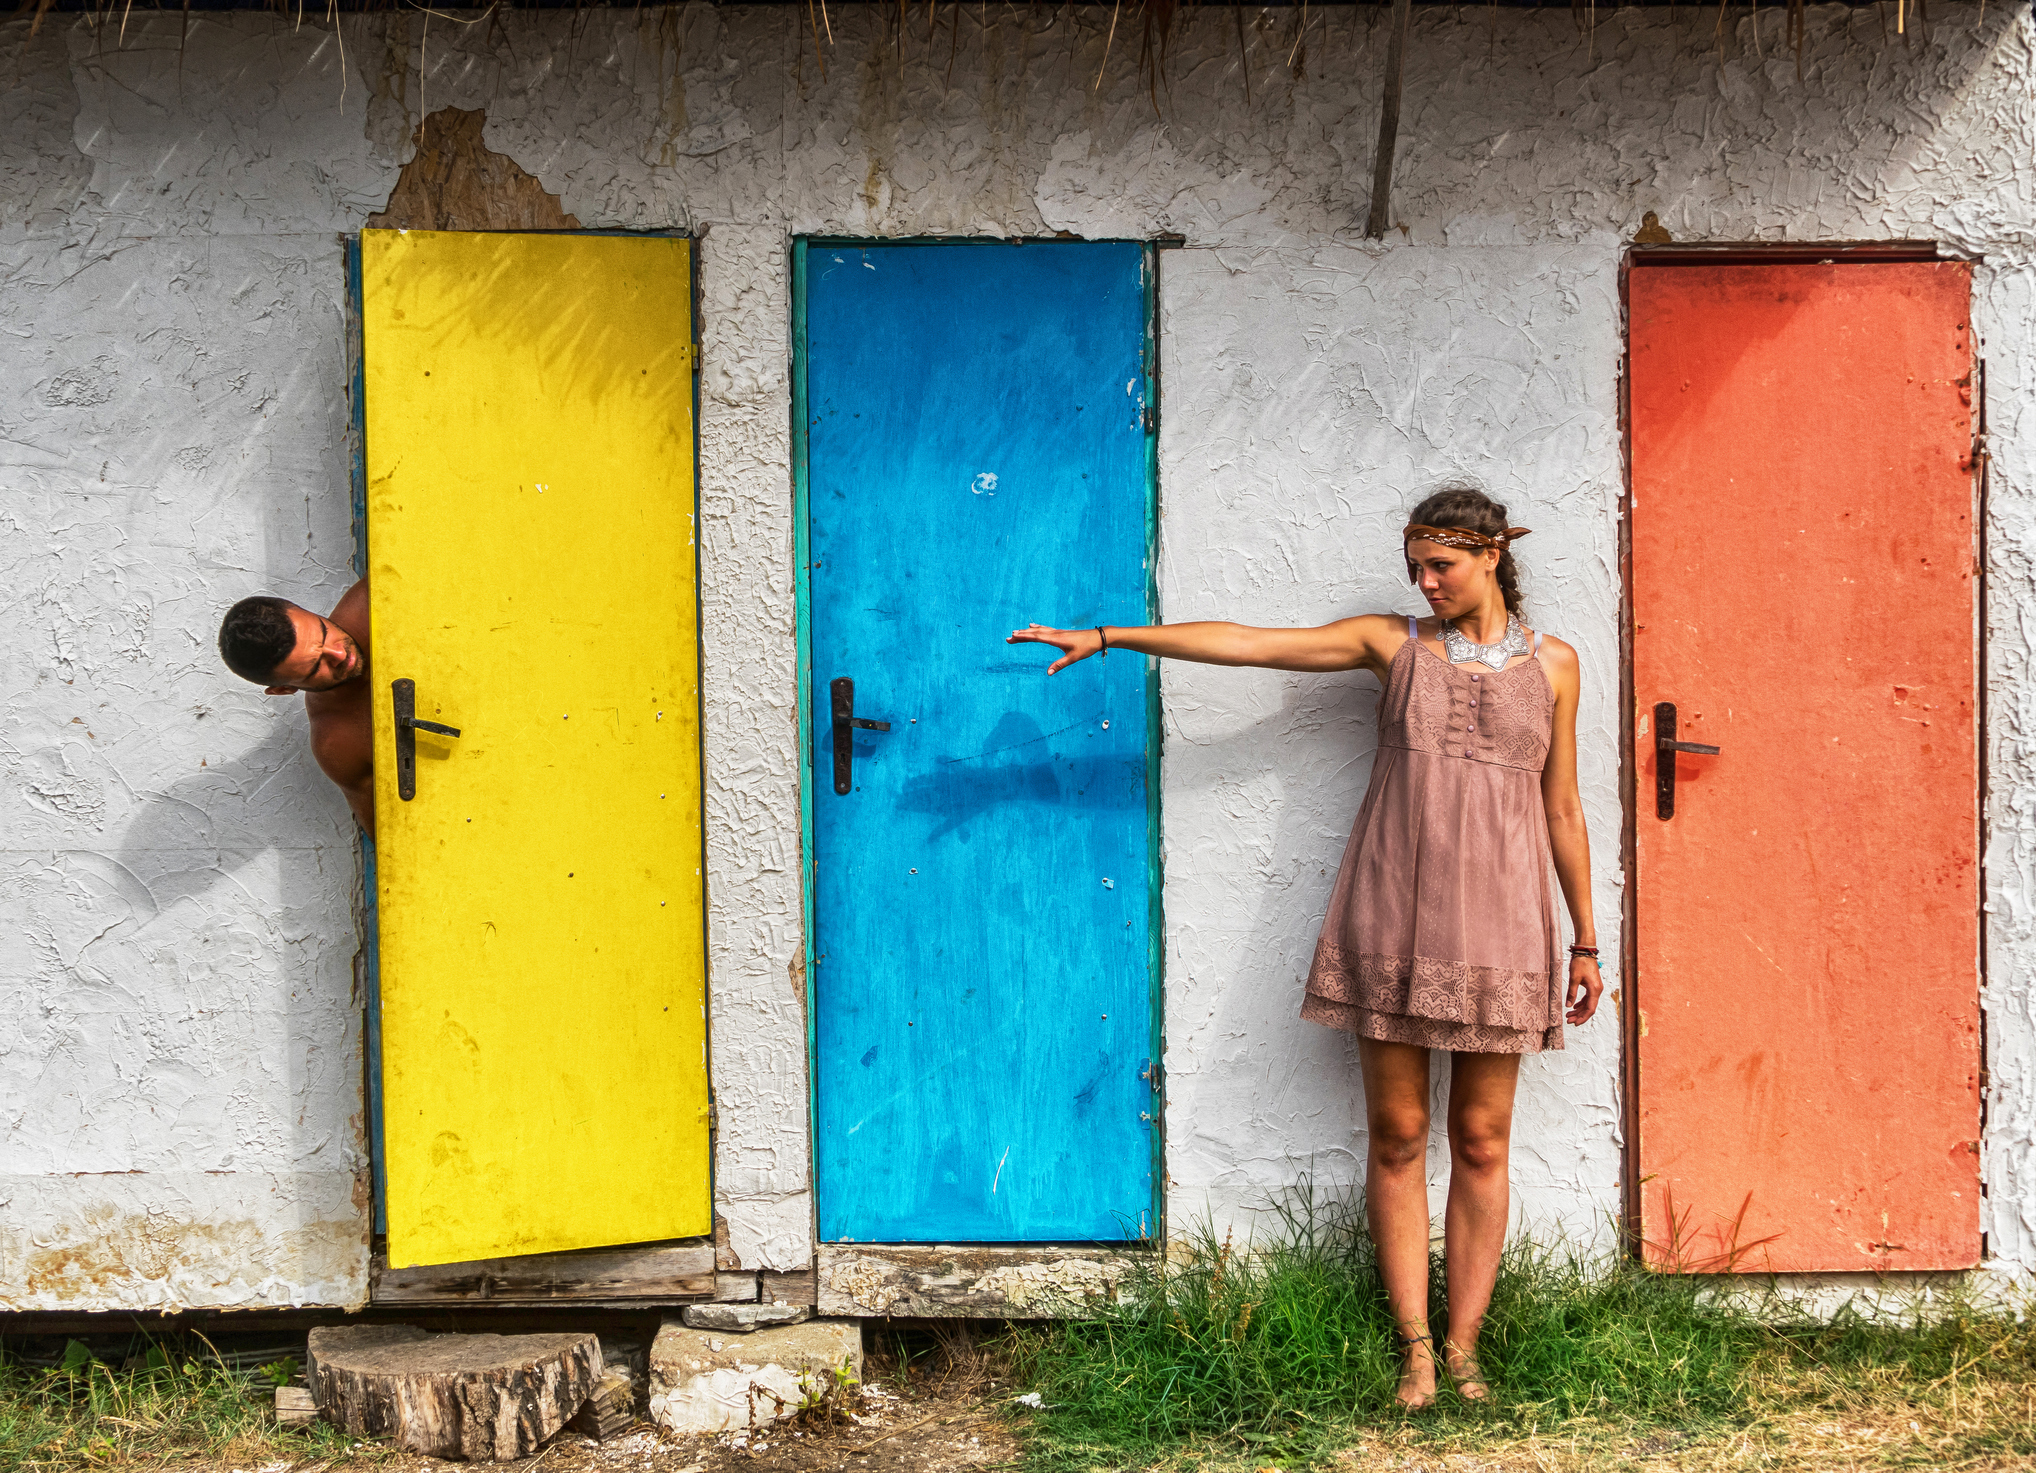 Svi naši zidovi bi trebali imati i vrata, koja po želji možemo zatvoriti, ali isto tako i širom otvoriti.